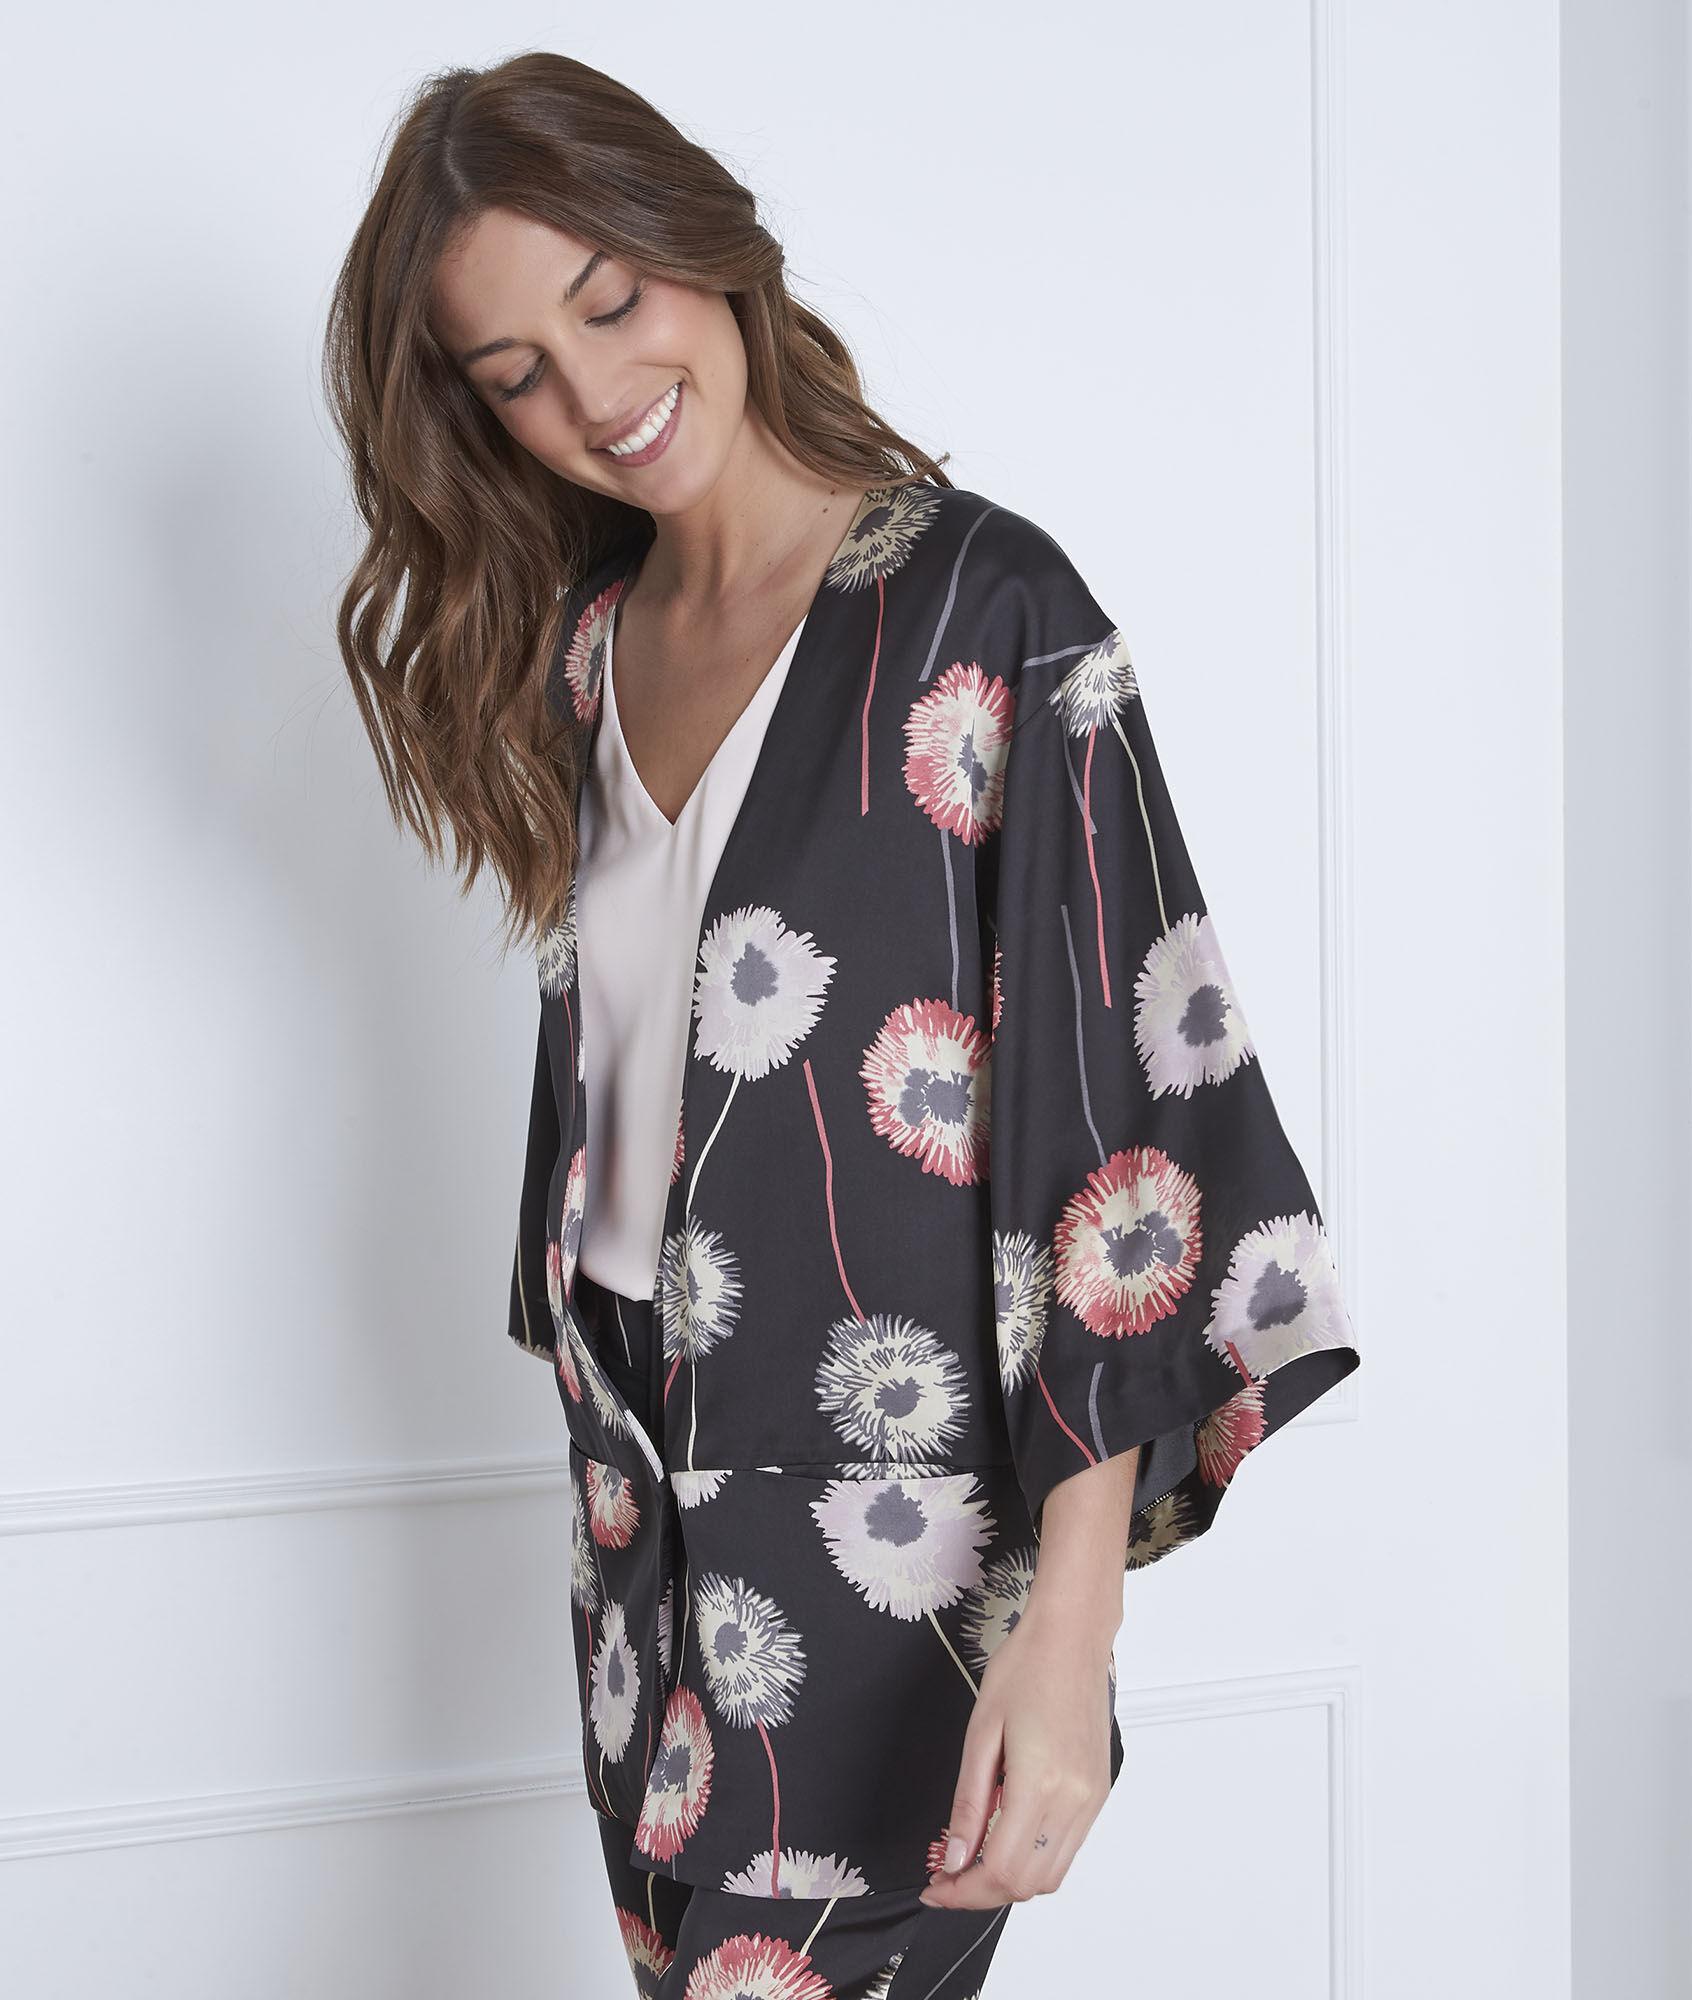 d88fd4b0b83c3 Flore satin-effect black floral print kimono - Maison Cent Vingt-Trois